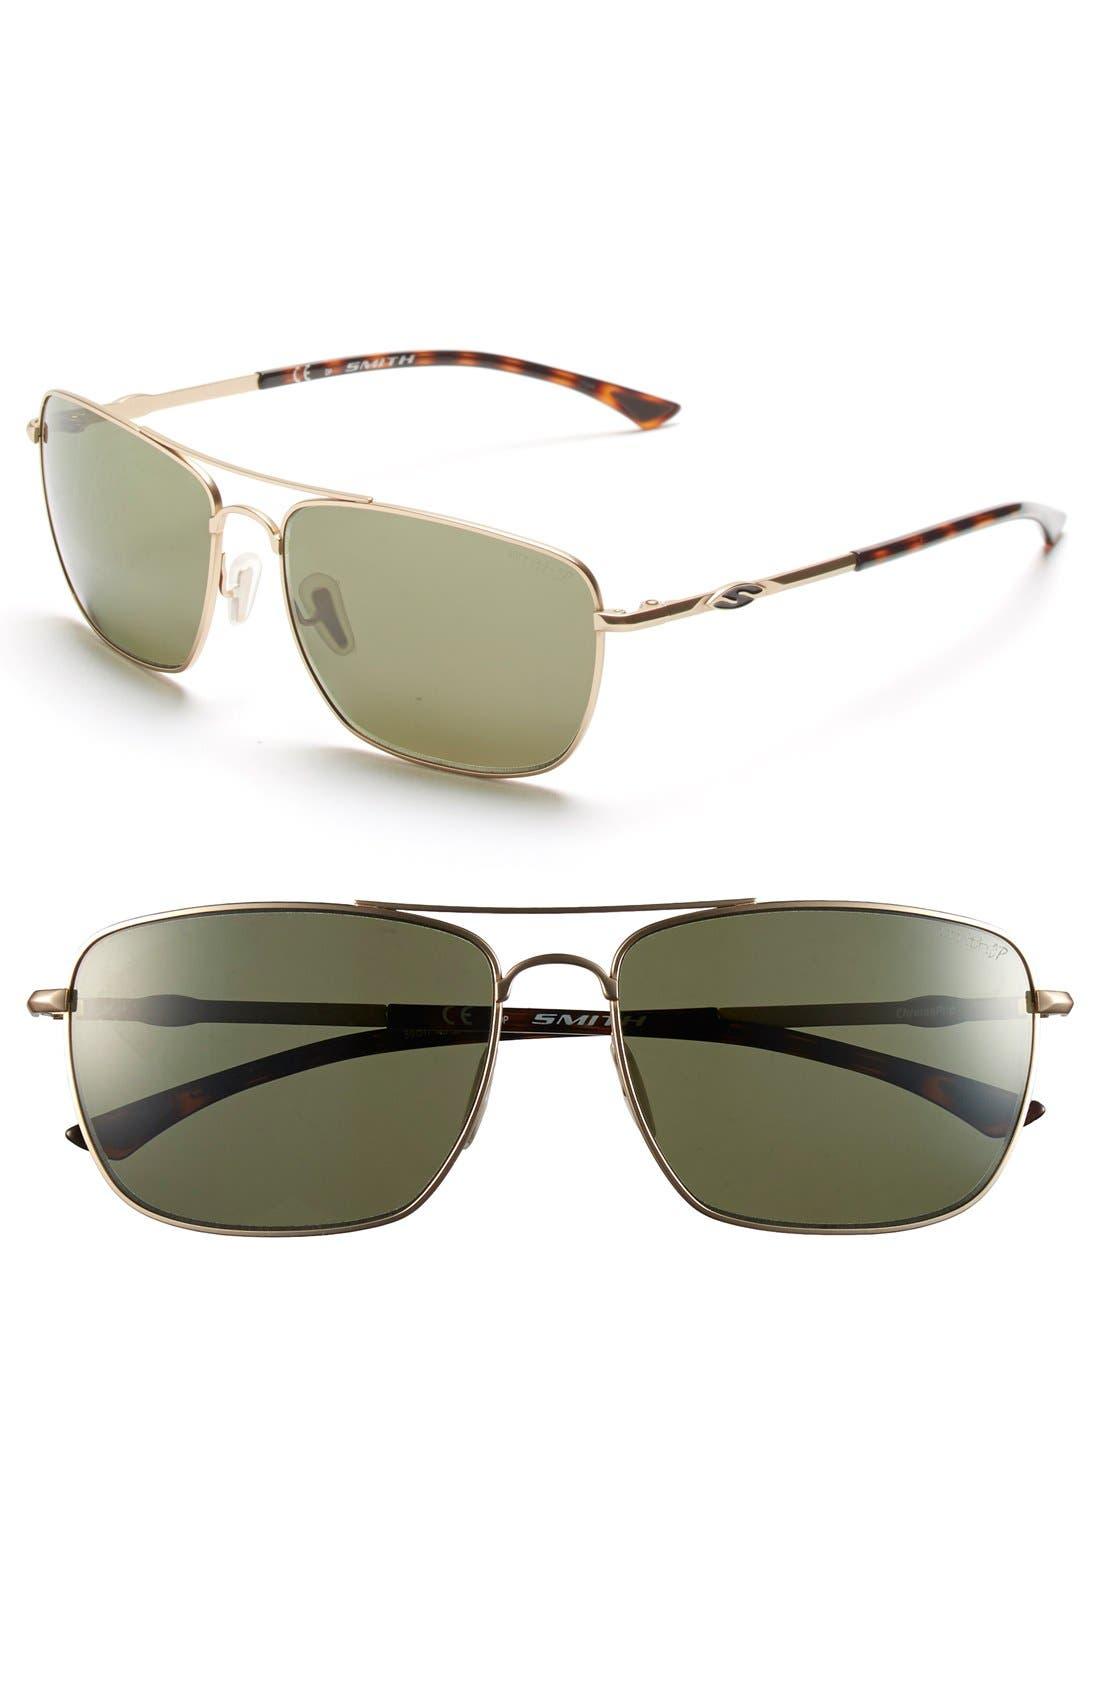 Alternate Image 1 Selected - Smith 'Nomad' 59mm Polarized Sunglasses